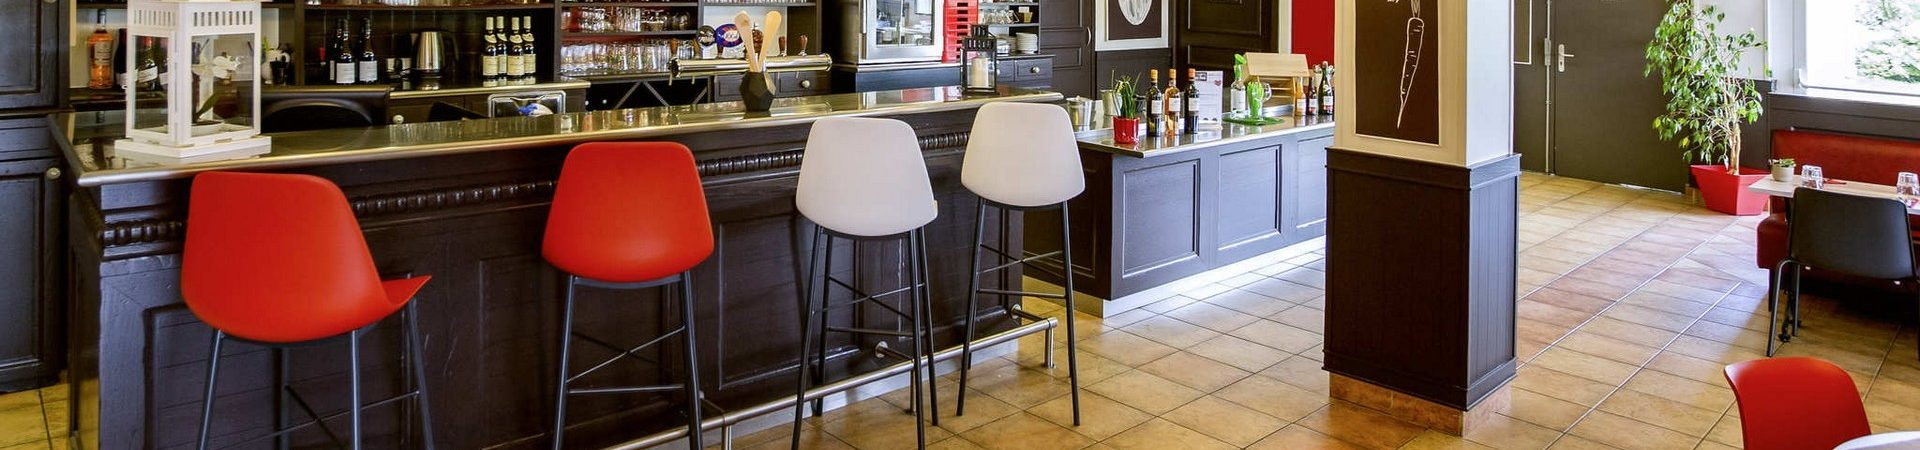 Bar pour un moment de détente après une convention ou un séminaire